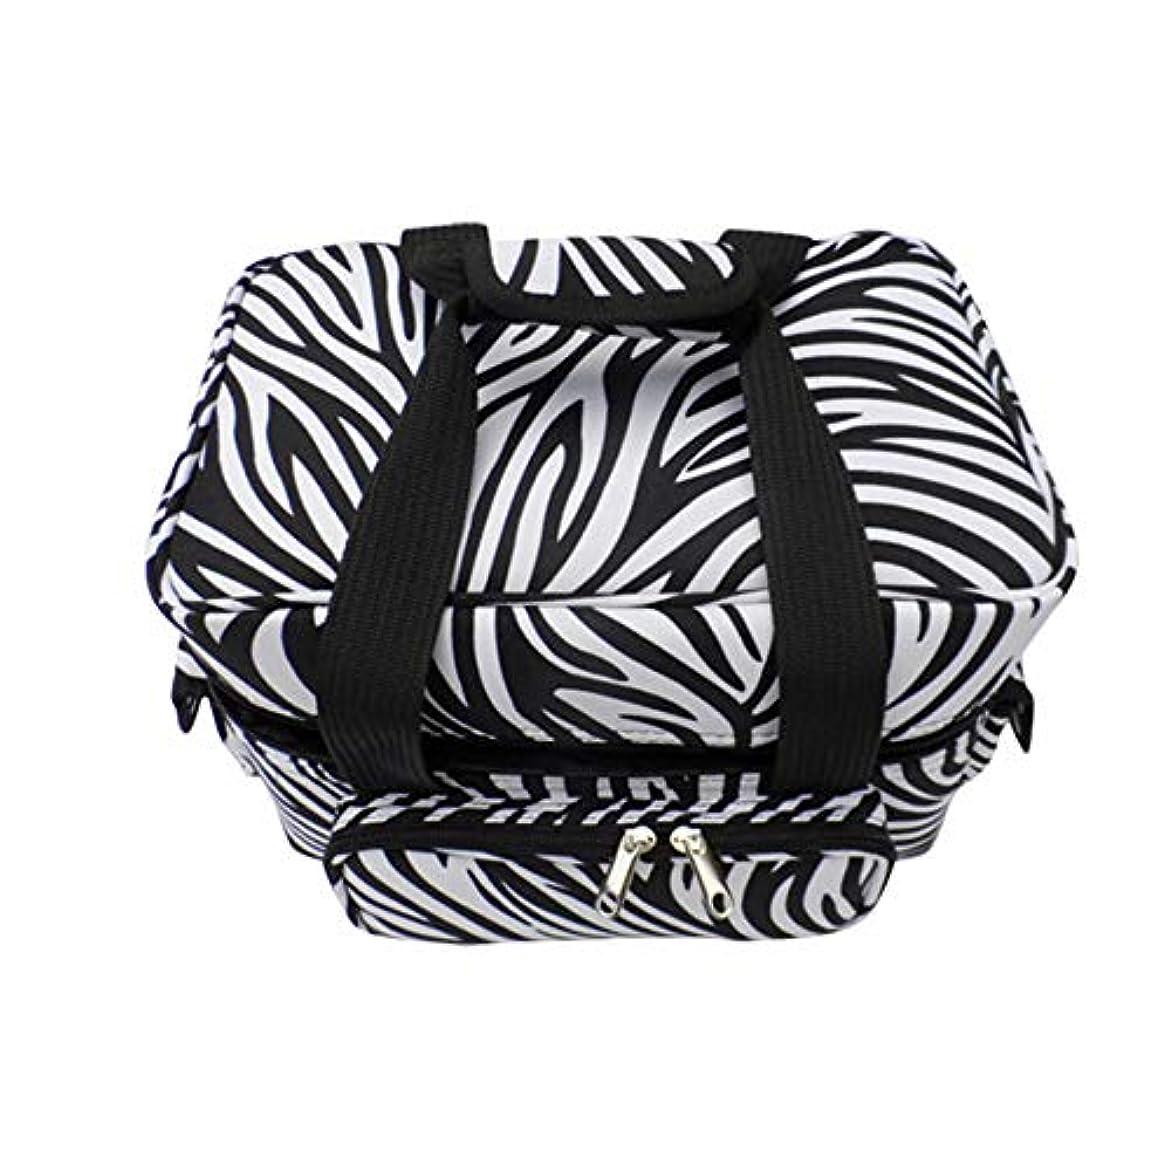 発症委託宣言する化粧オーガナイザーバッグ ゼブラストライプポータブル化粧品バッグ美容メイクアップと女の子女性旅行とジッパーとトレイで毎日のストレージ 化粧品ケース